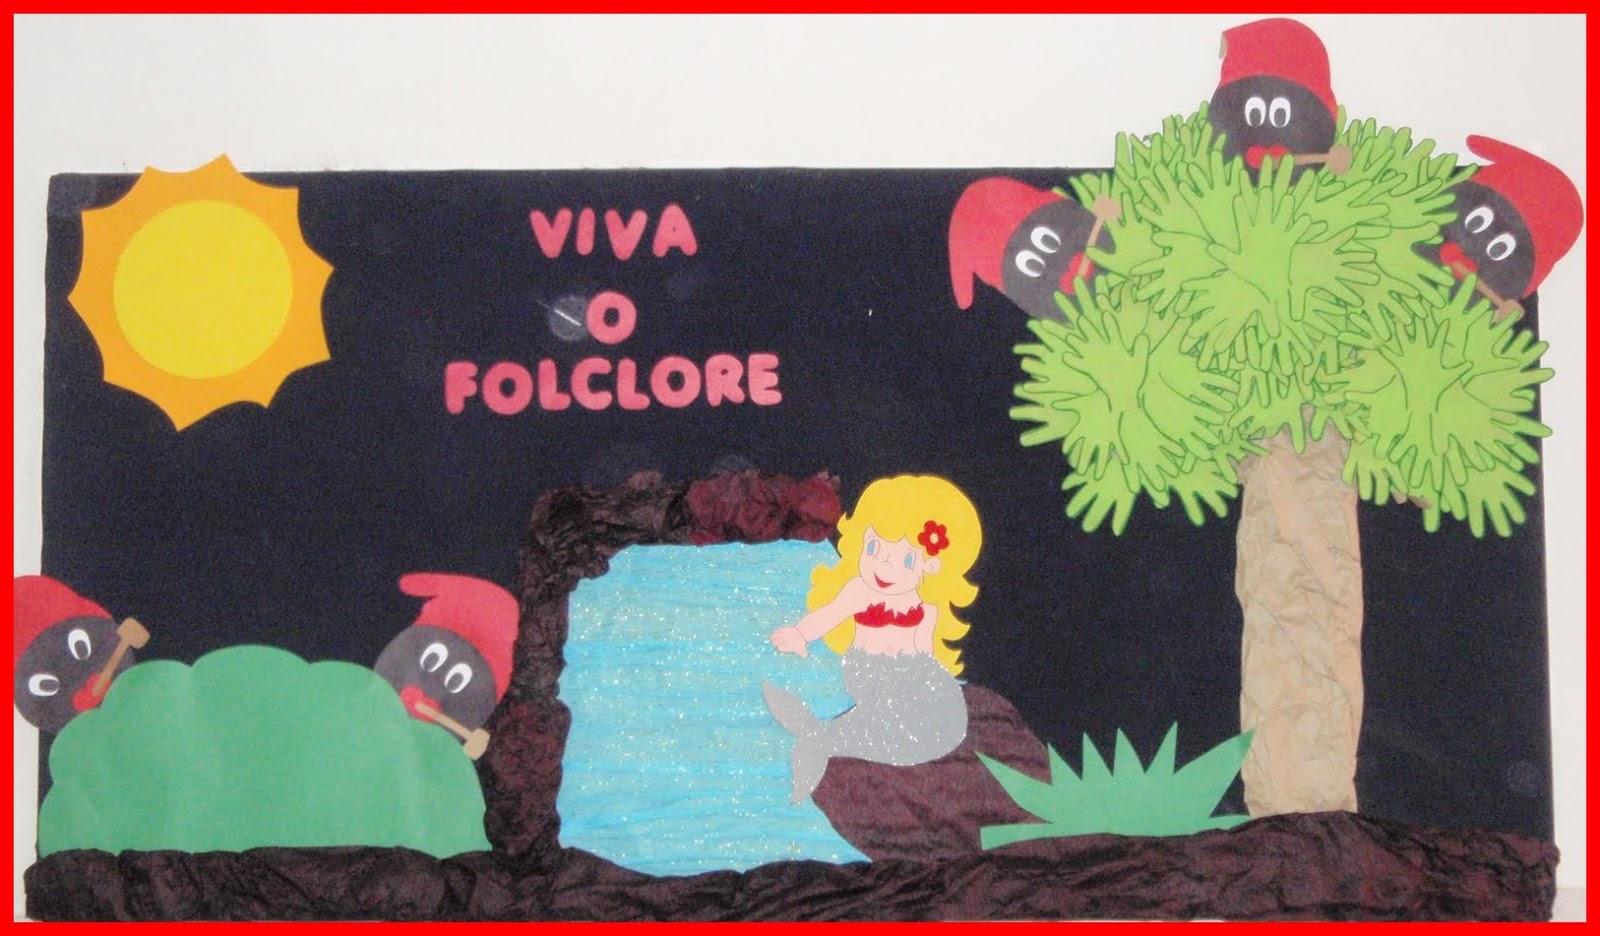 Painel Dia Do Folclore: Ideias-e-sugestoes-de-paineis-e-murais-para-o-dia-do